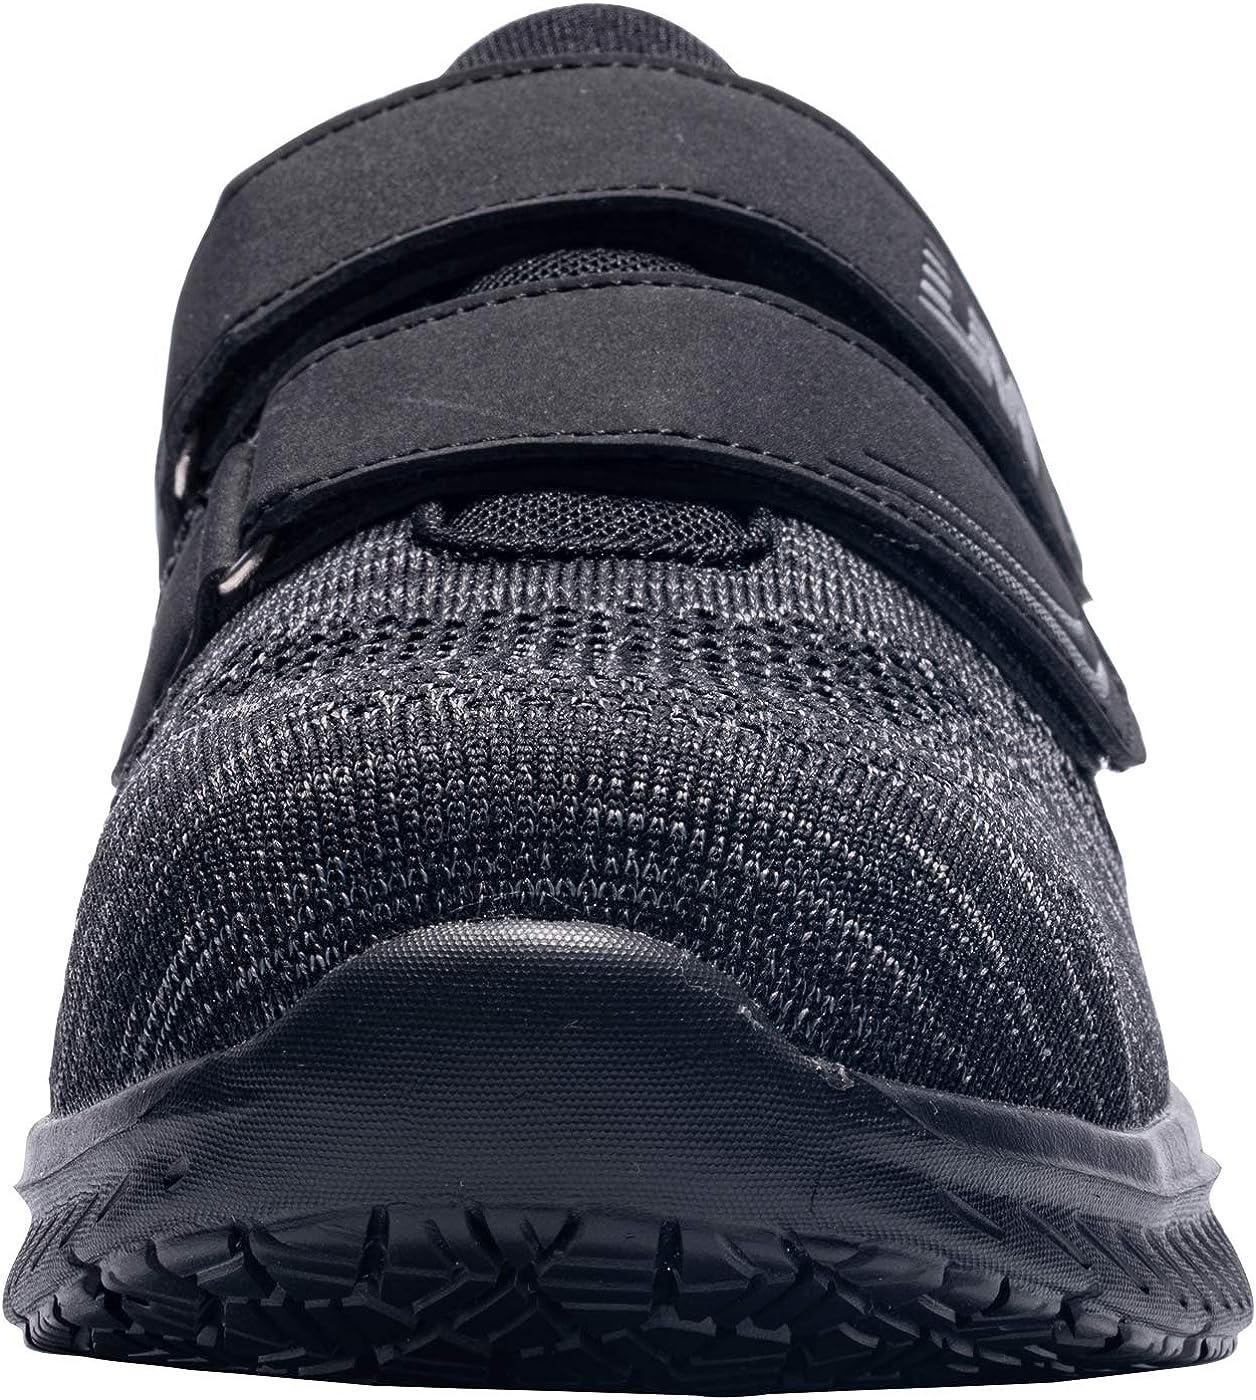 LARNMERN Scarpe Antinfortunistica Uomo,Scarpe Antinfortunistiche Ultraleggeri Riflettenti Traspiranti Scarpe Punta in Acciaio Scarpe da Lavoro